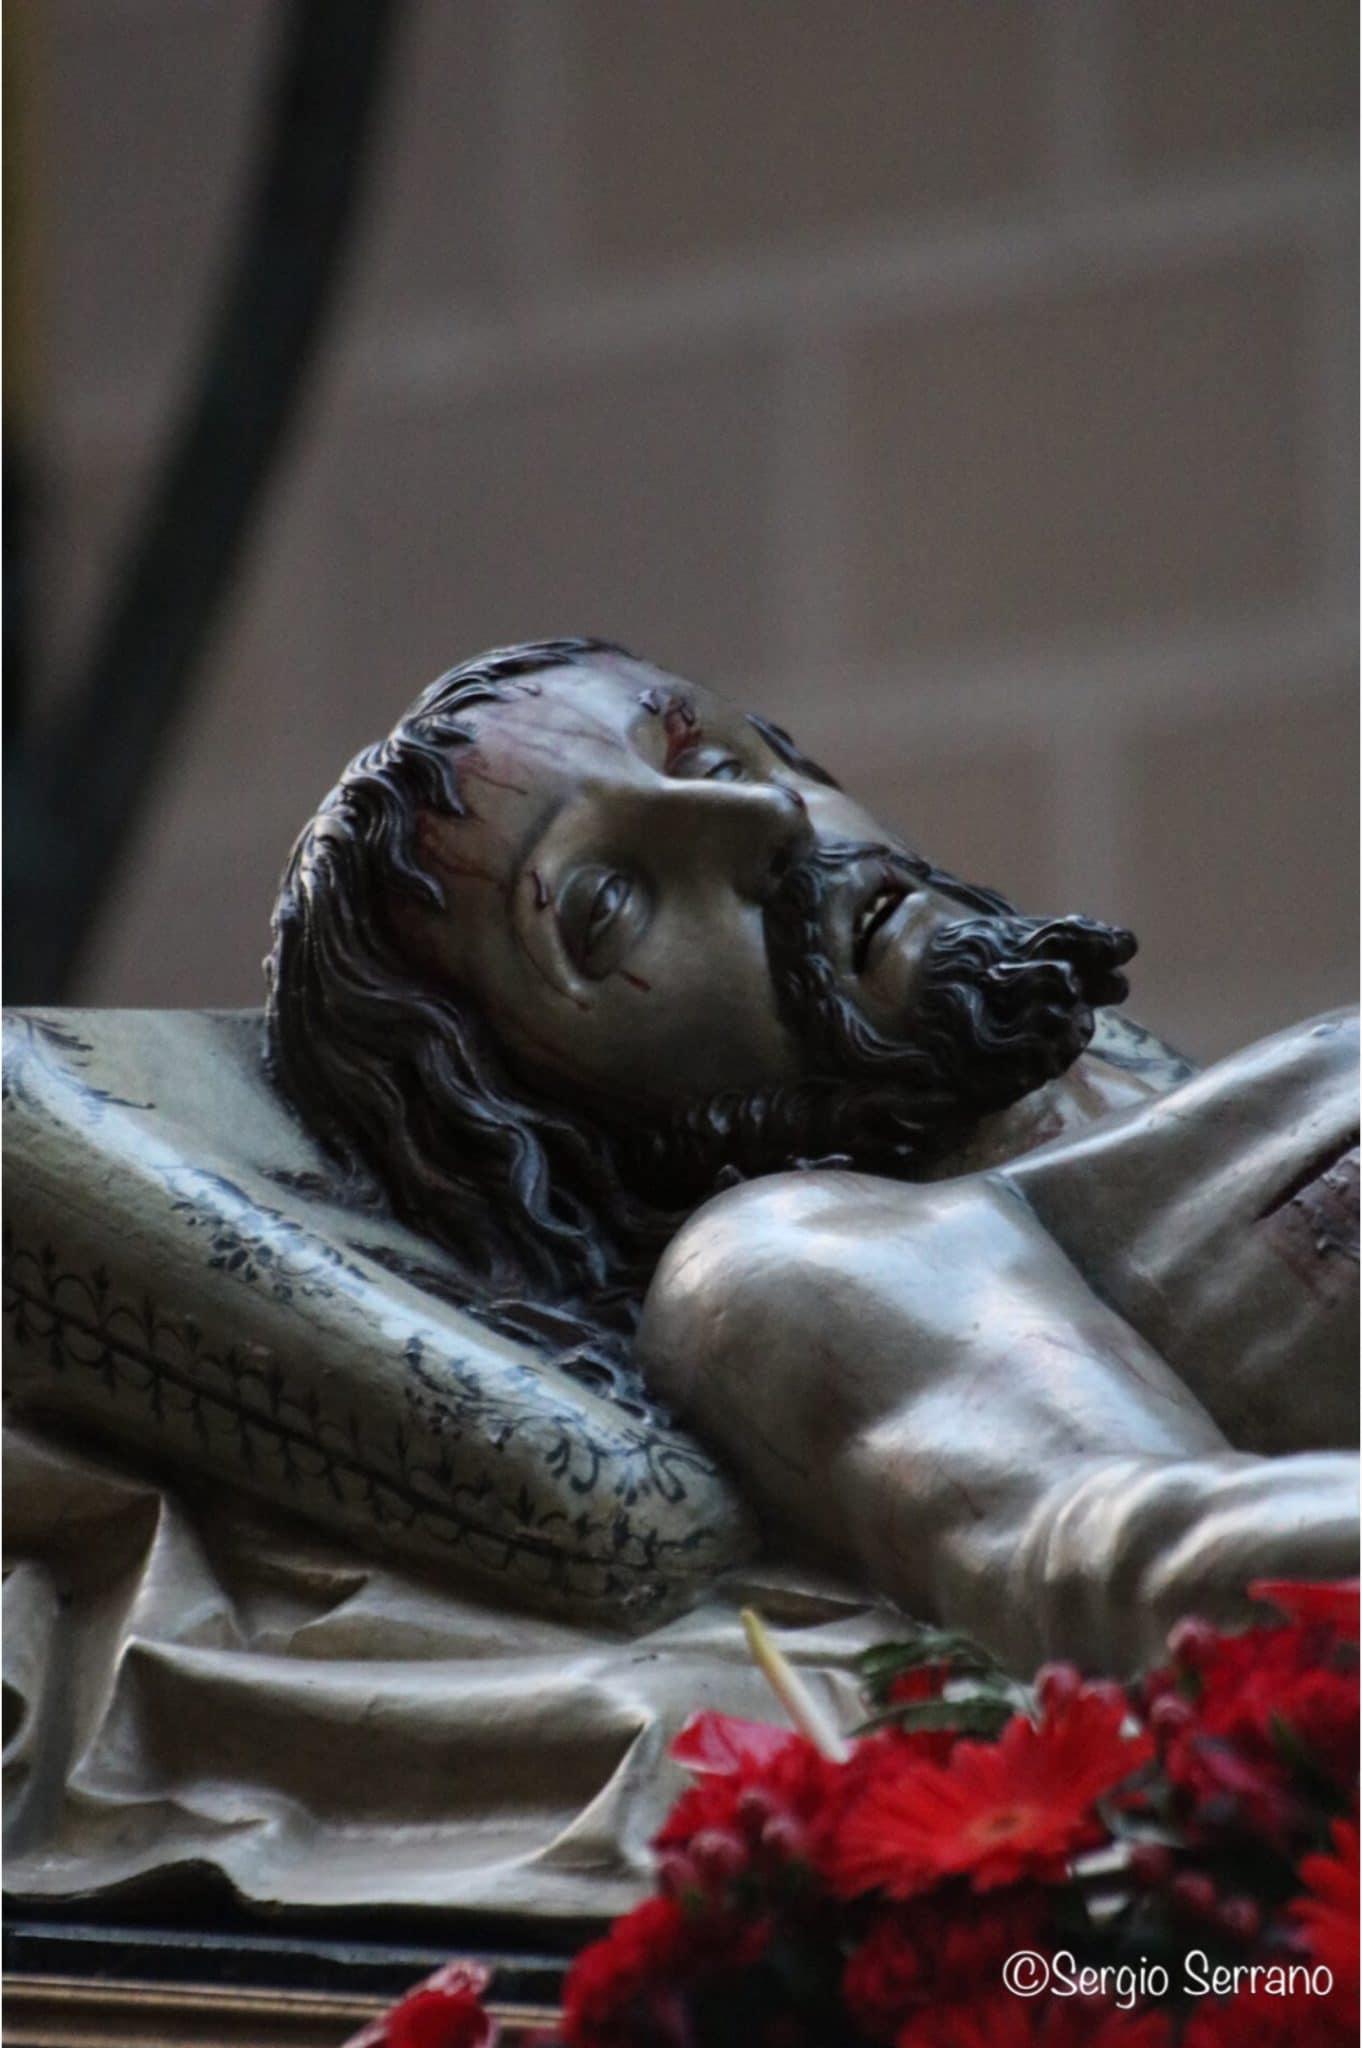 Semana Santa en Valladolid - Procesión del Verum corpus